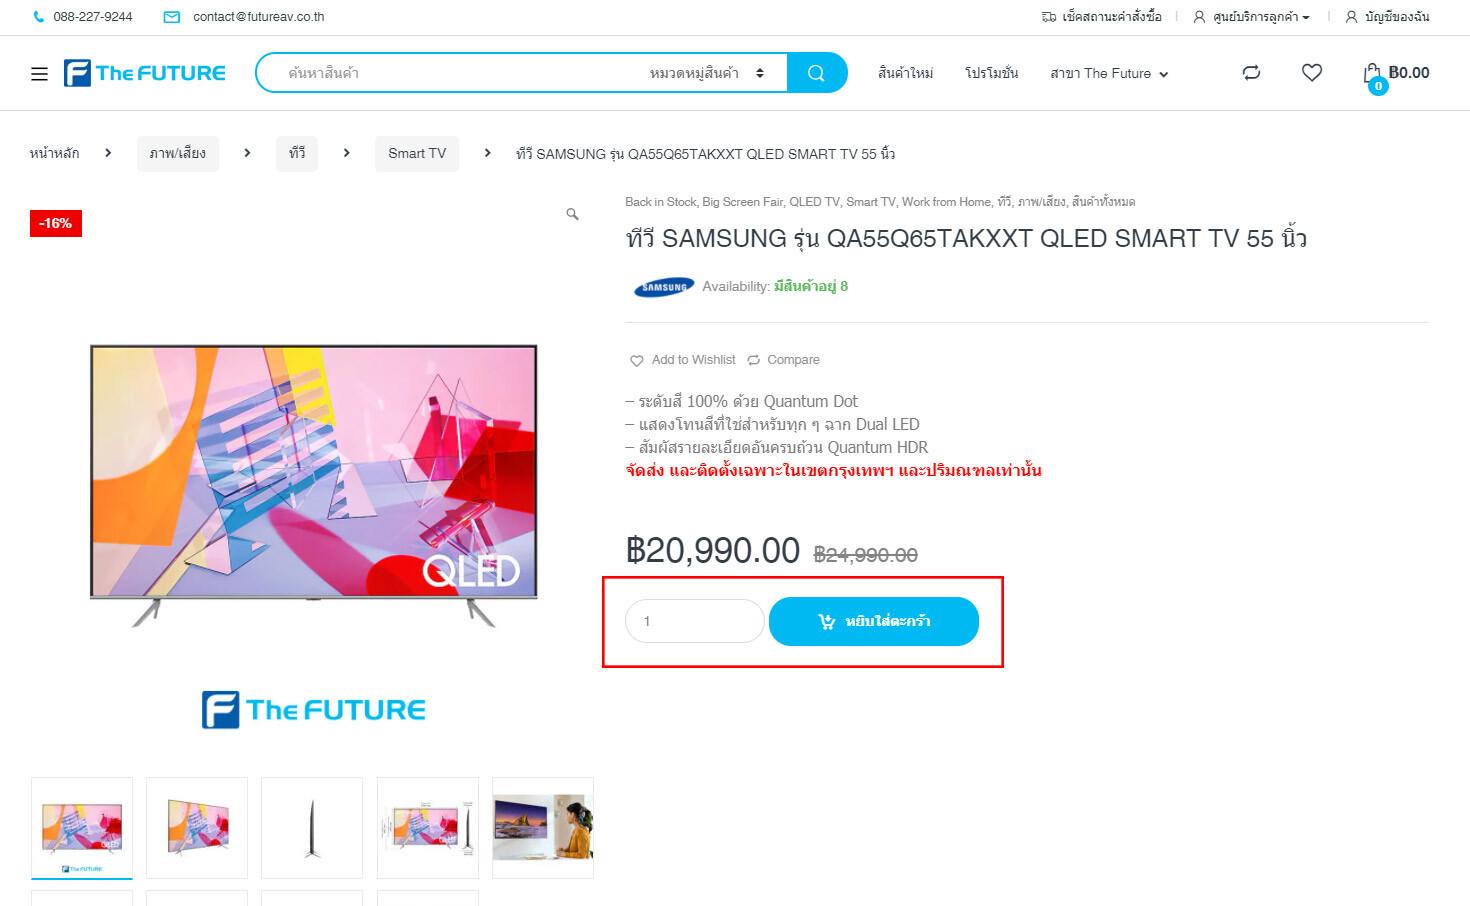 วิธีการสั่งซื้อสินค้าออนไลน์ The Future